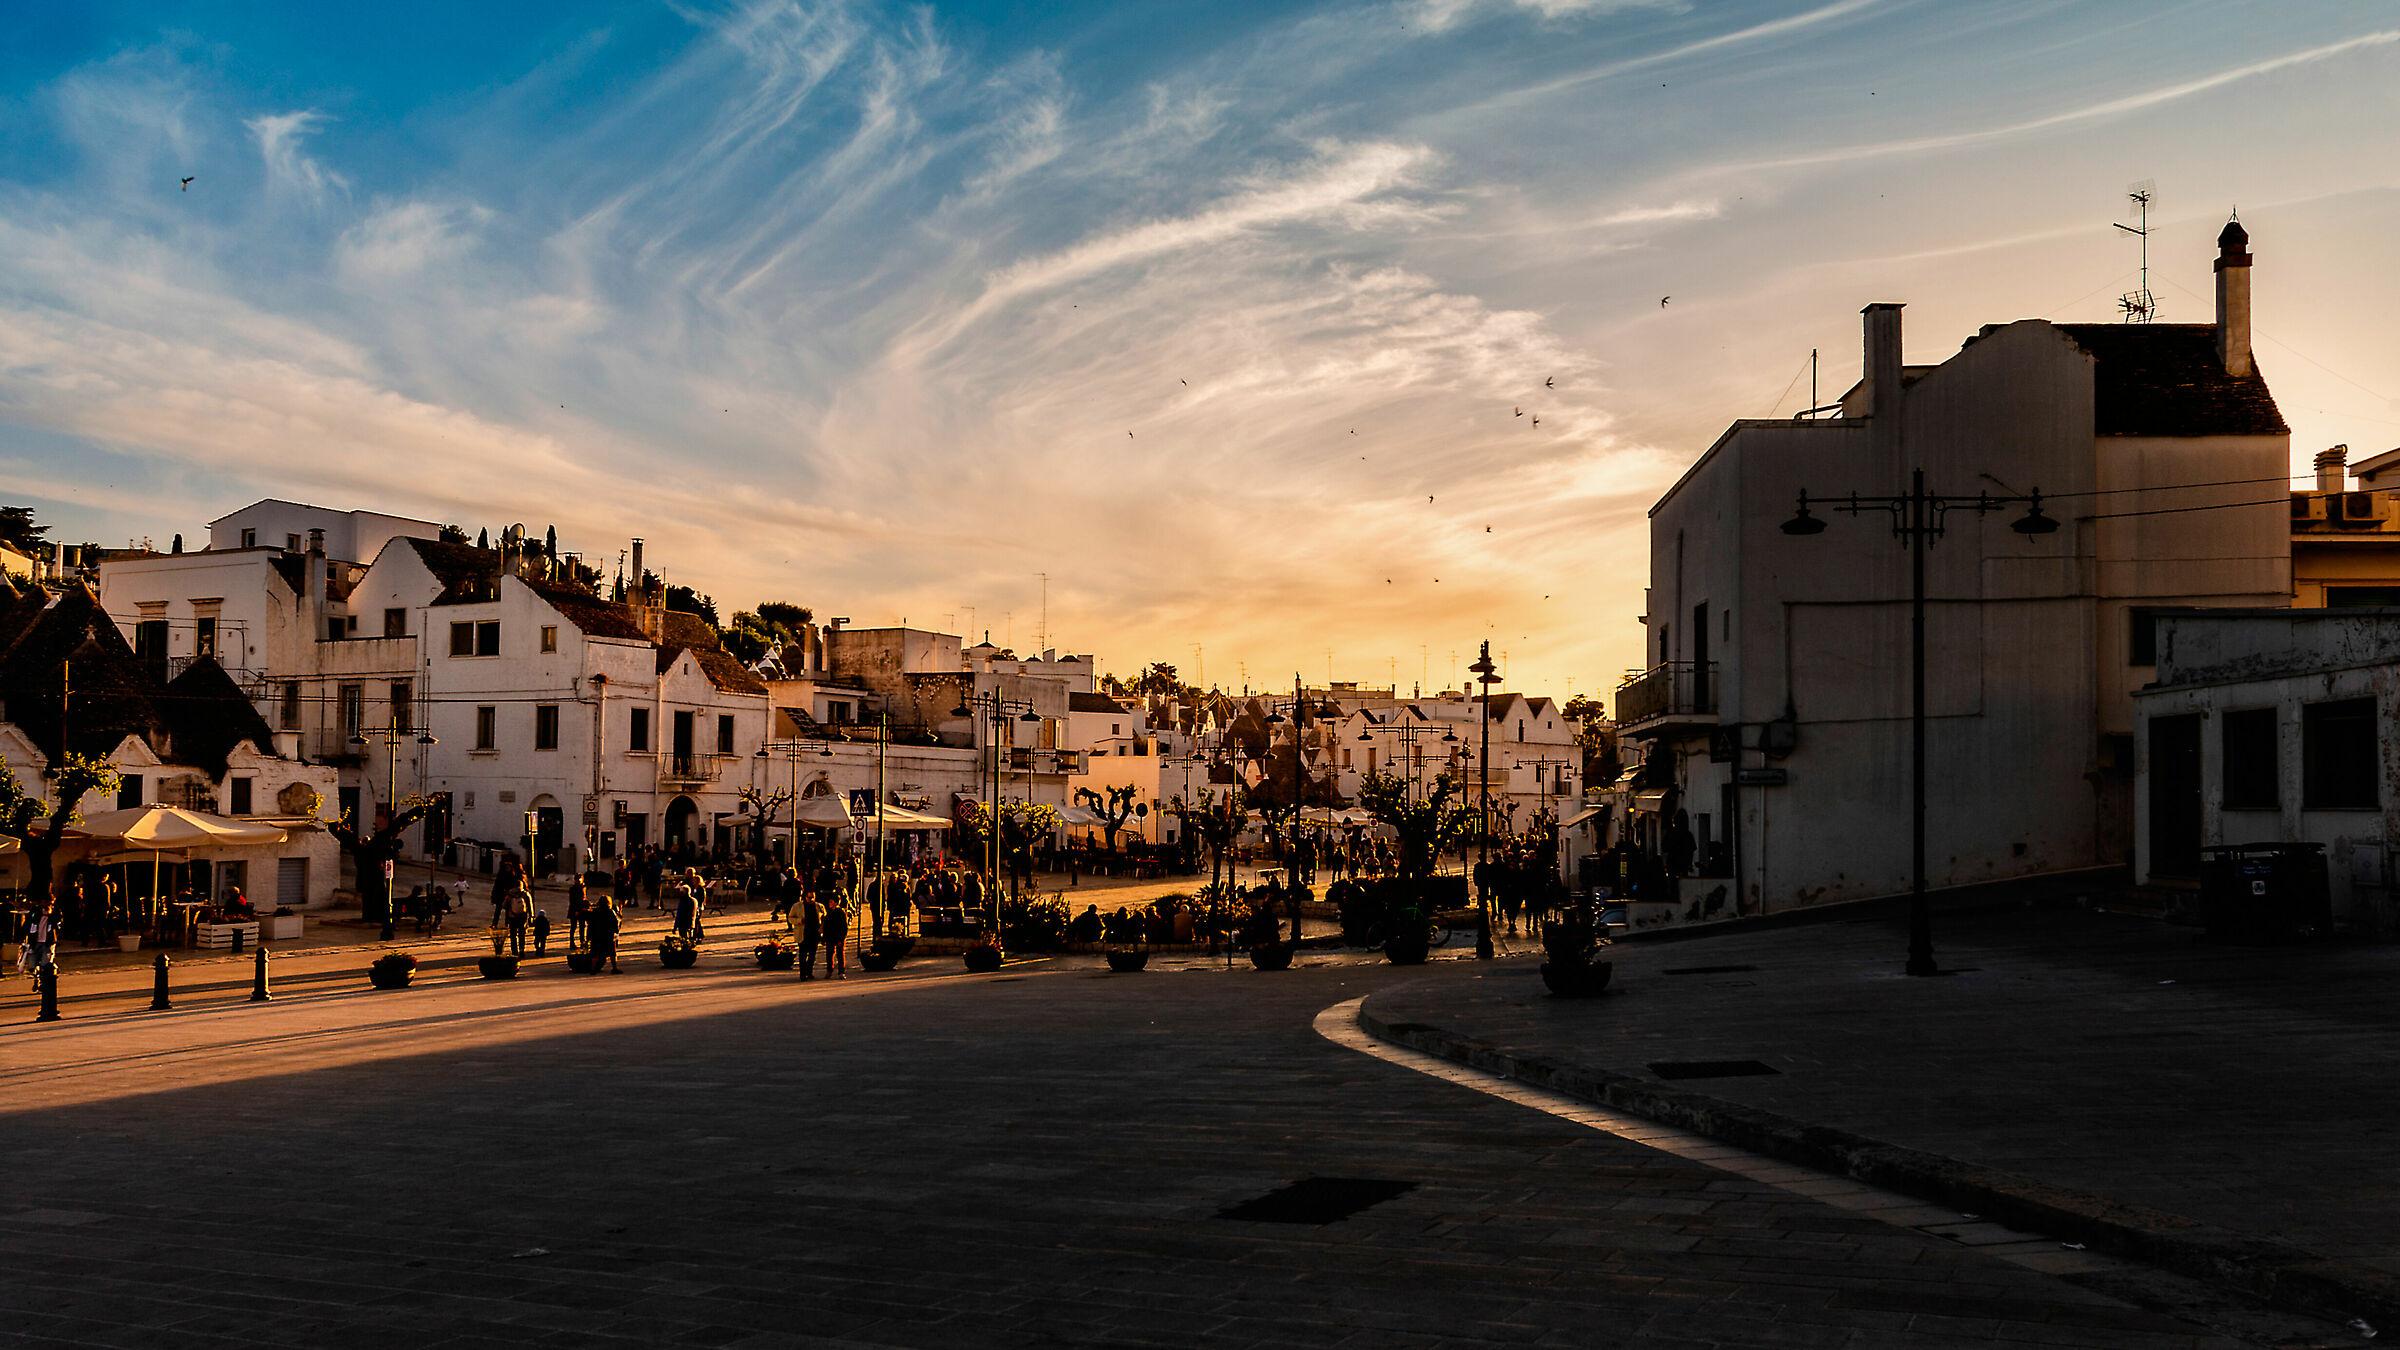 Sunset at Alberobello ...